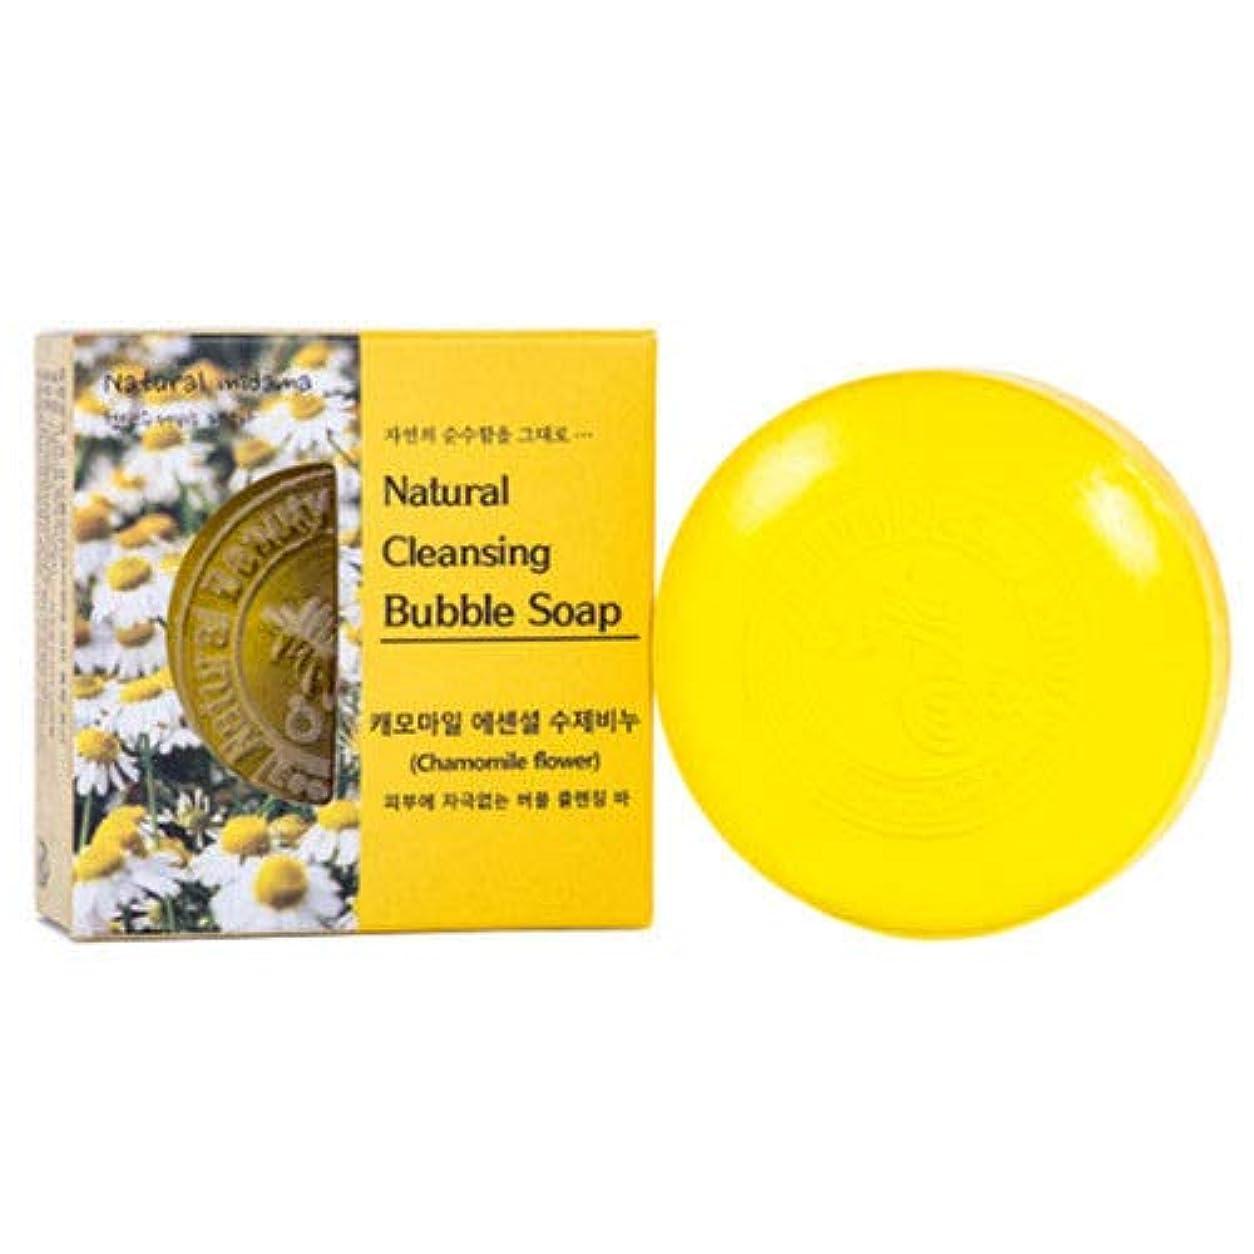 同種の等価ボウリング天然 石鹸 ナチュラル バブル クレンジング バー/カモマイル ローズ ラベンダー せっけん Herb Oil Skin Soap 100g [並行輸入品] (カモマイル)